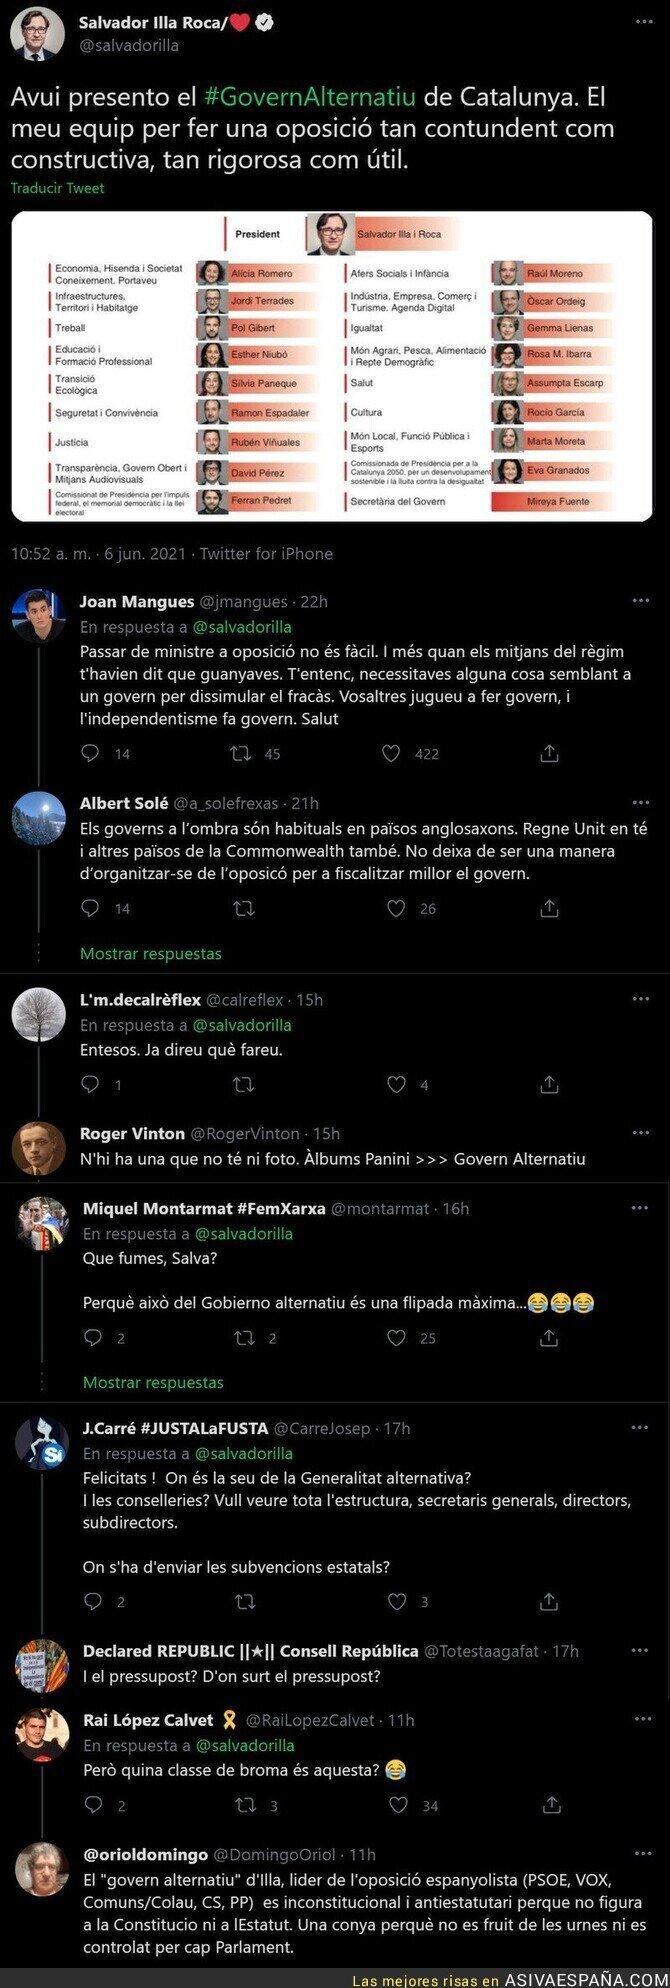 789649 - El ridículo monumental de Salvador Illa presentando un Govern alternativo para Catalunya